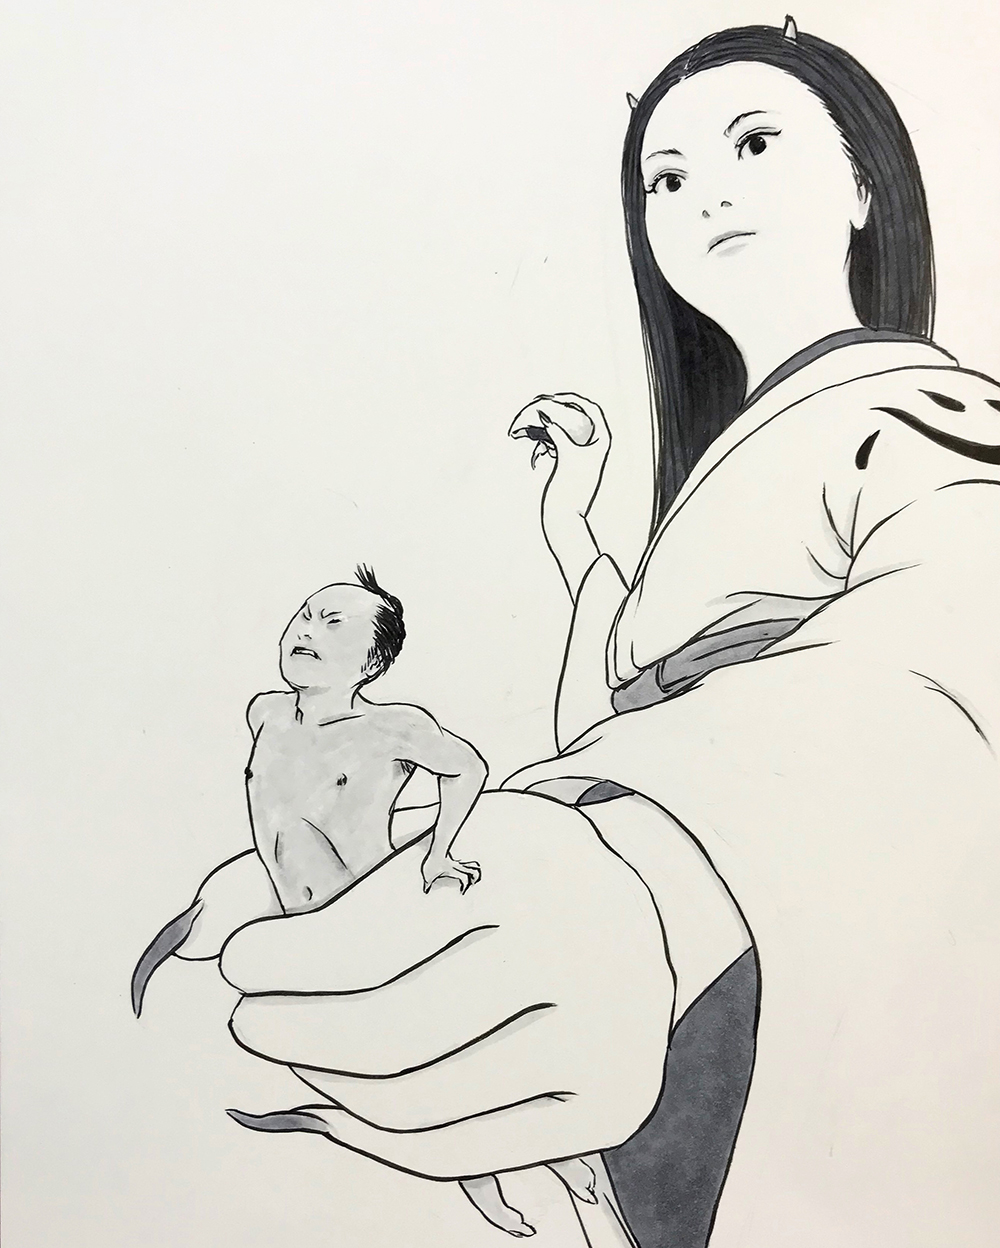 鬼嫁の憂鬱1 ONIYOME